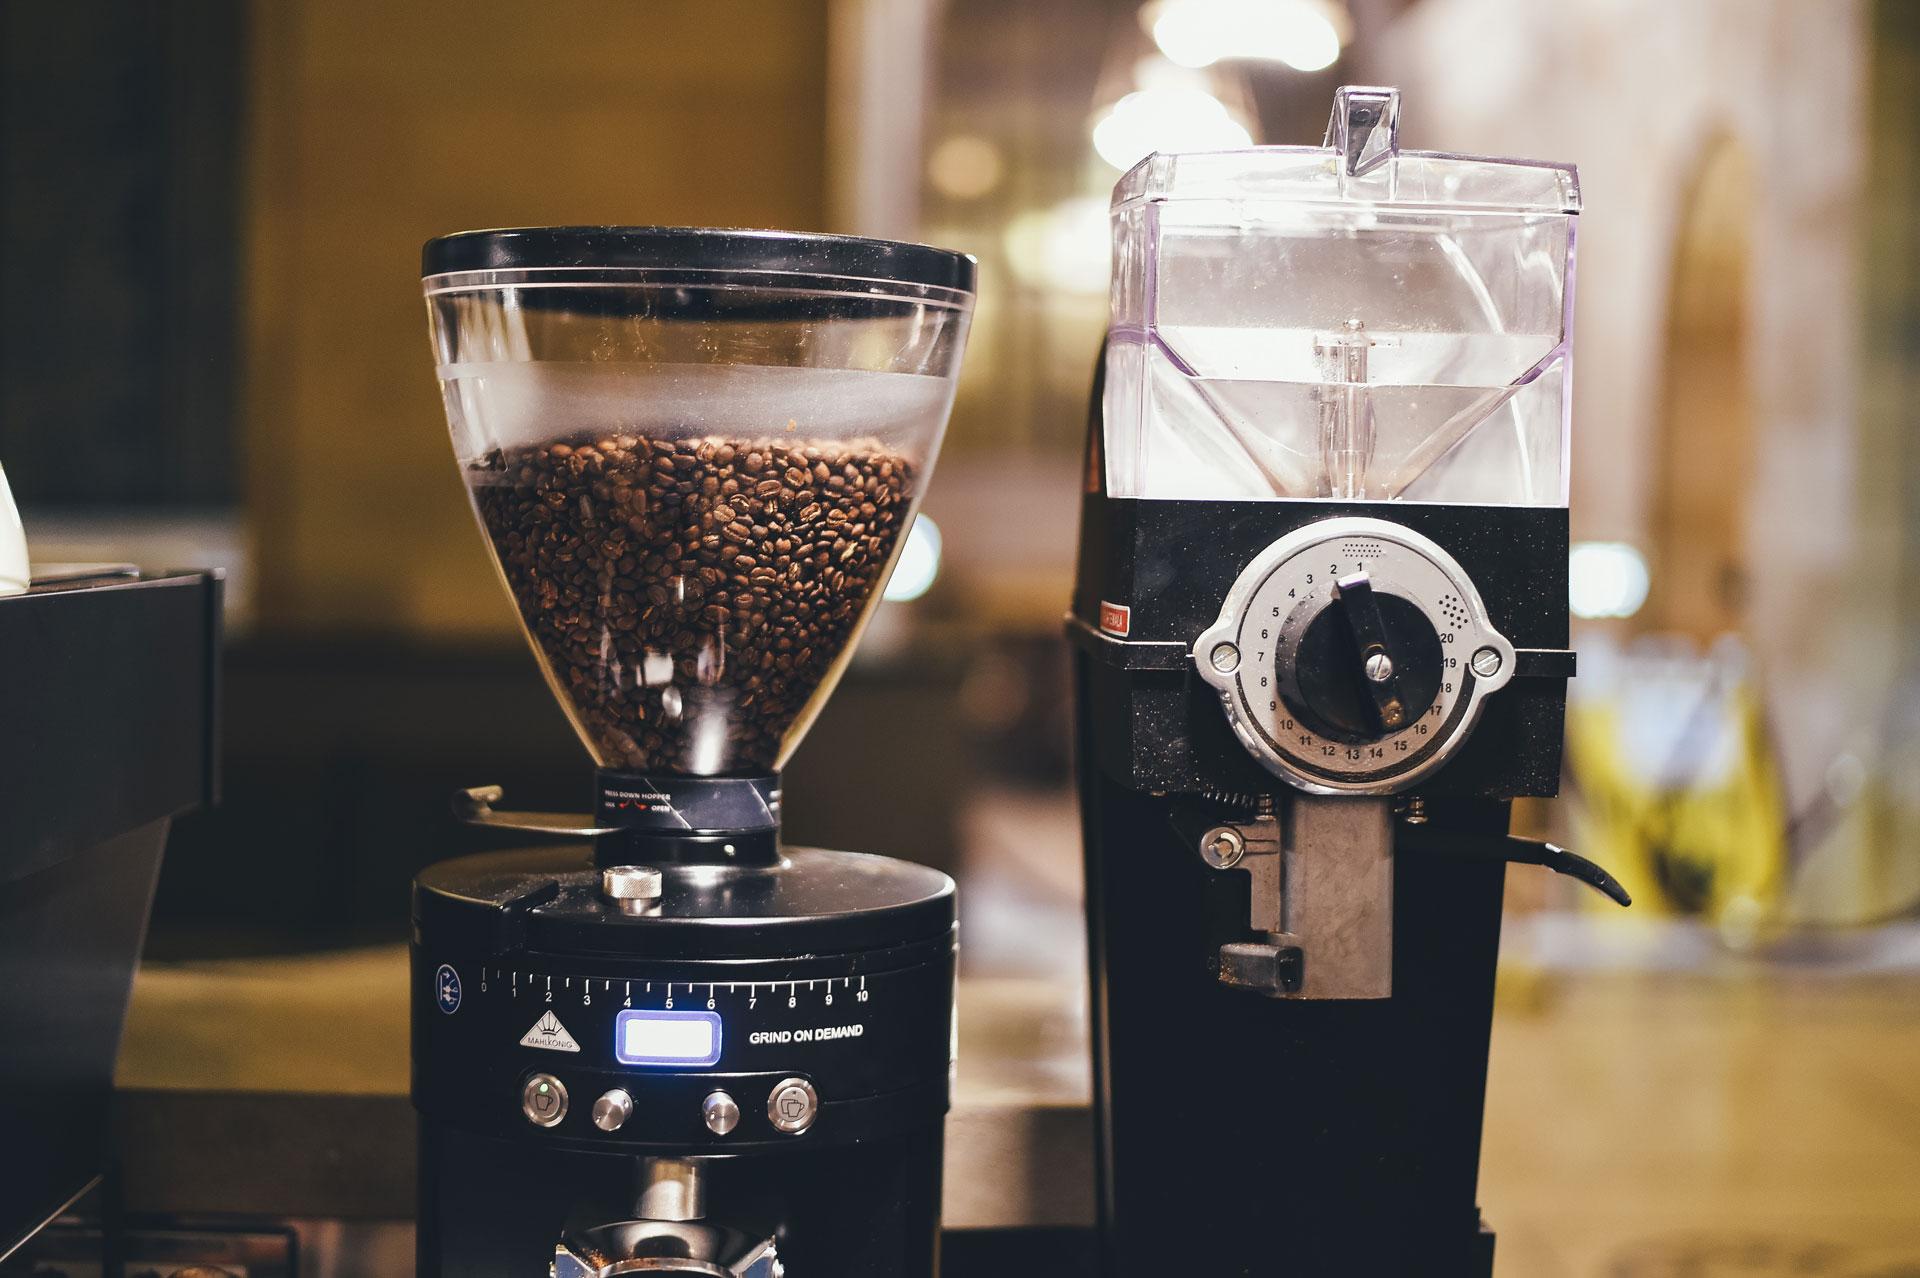 Koffiemolen: De Belangrijkste Investering Van Iedere